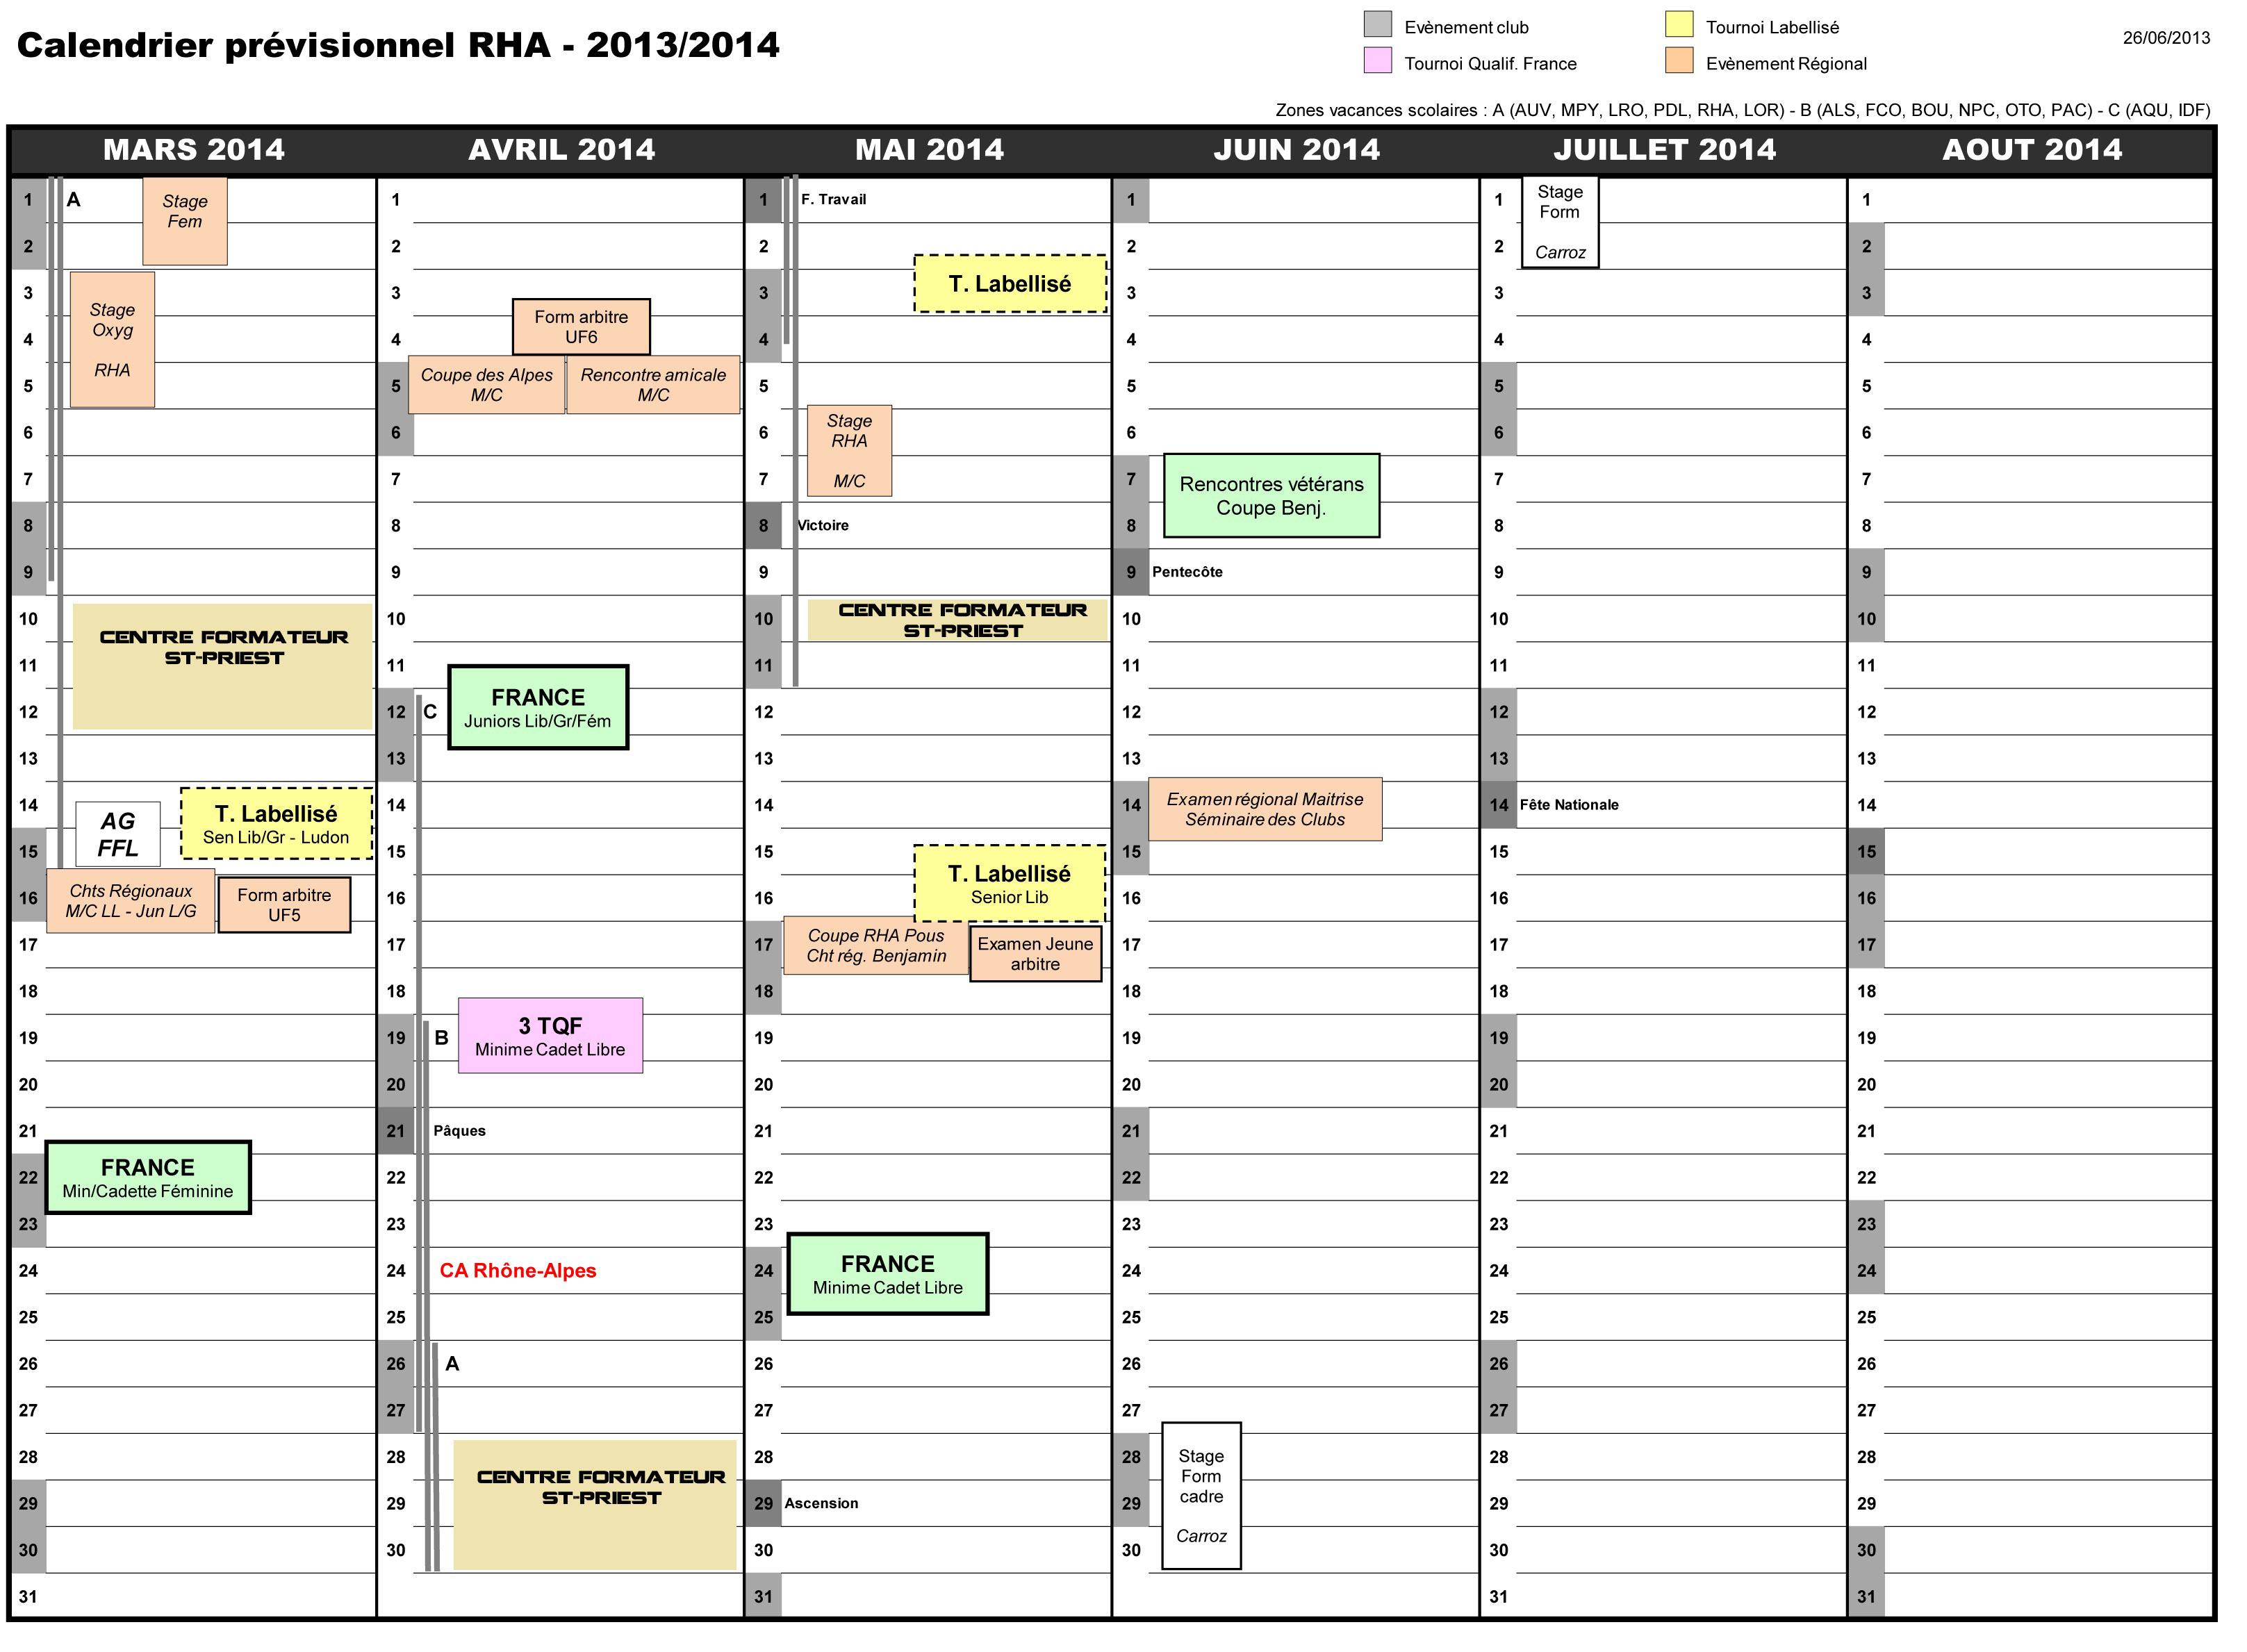 Calendrier RHA 2013-14 2